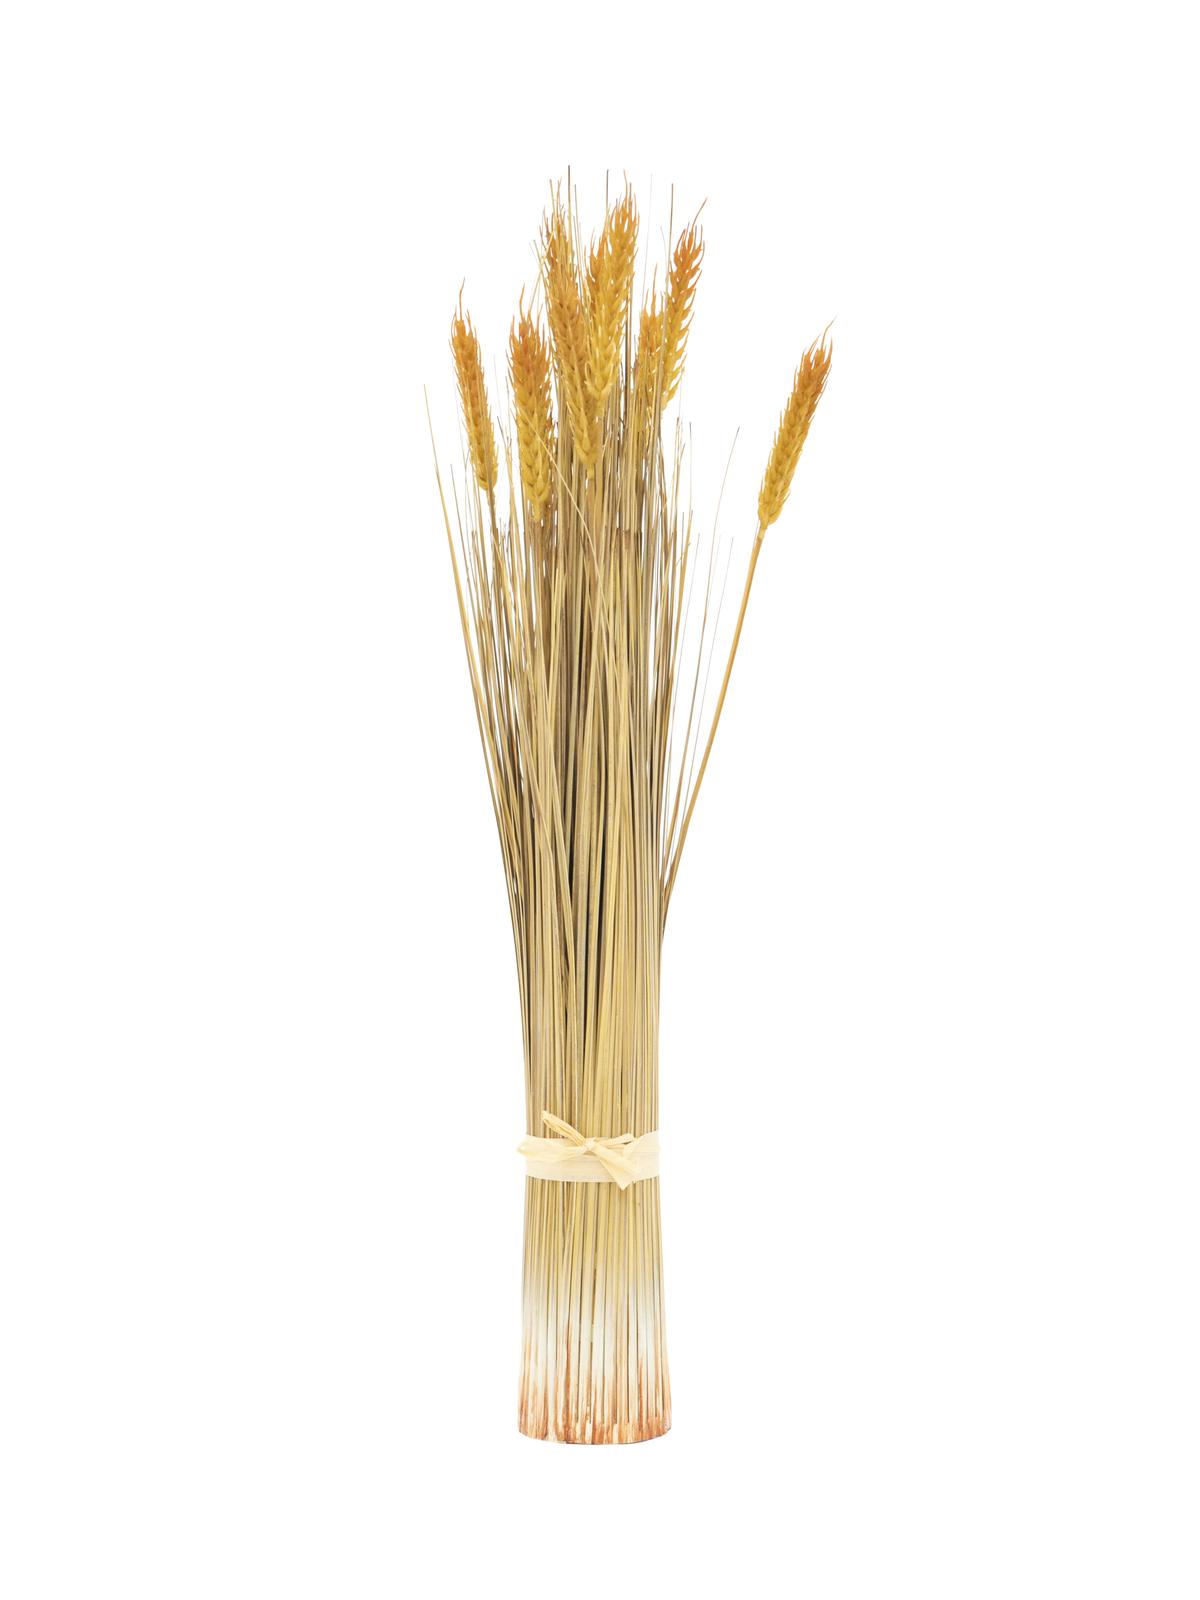 Svazek pšenice, 60 cm